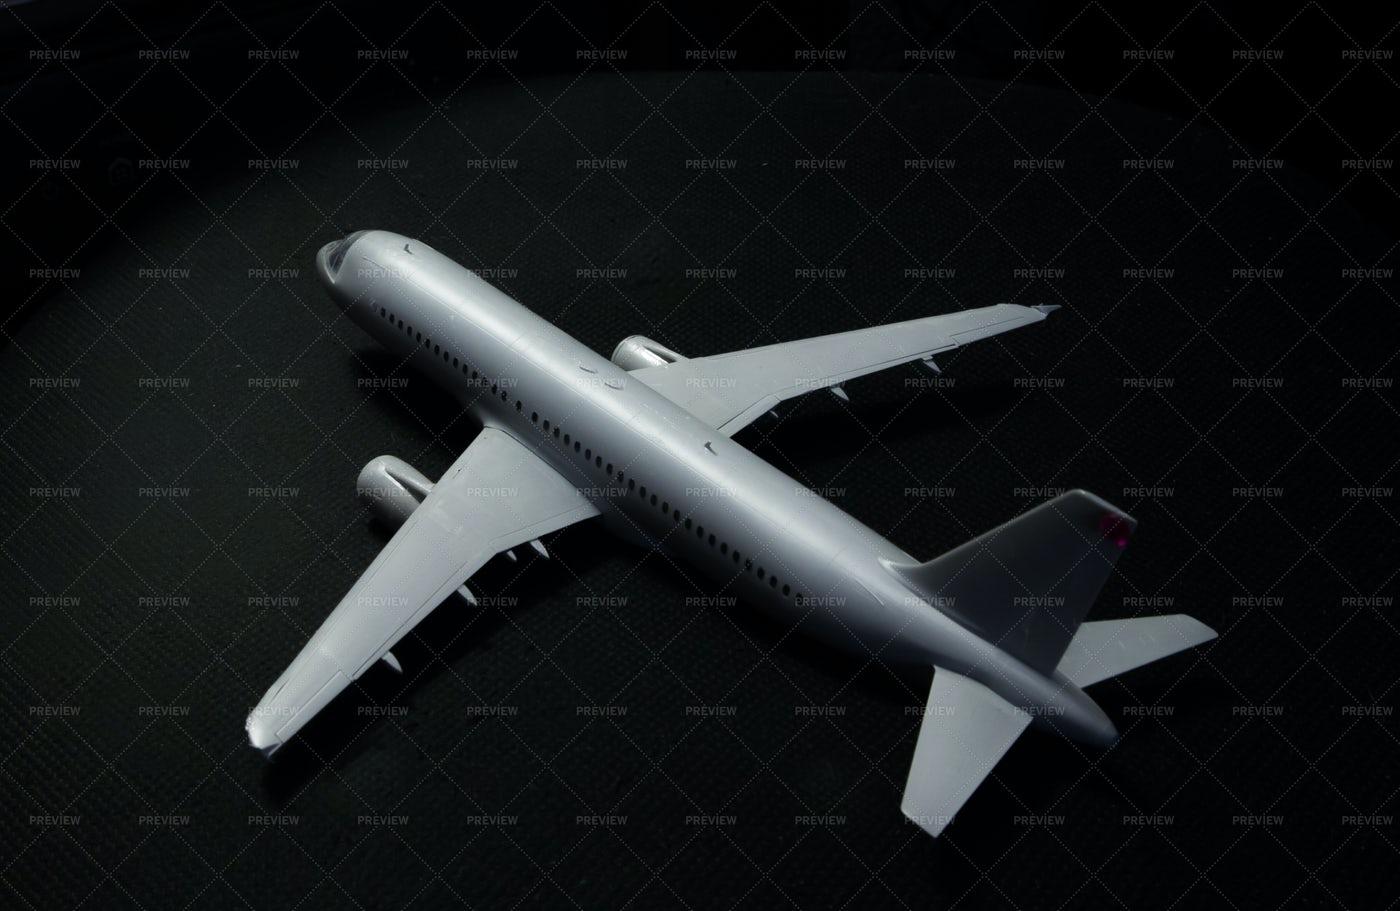 Aircraft Toy: Stock Photos